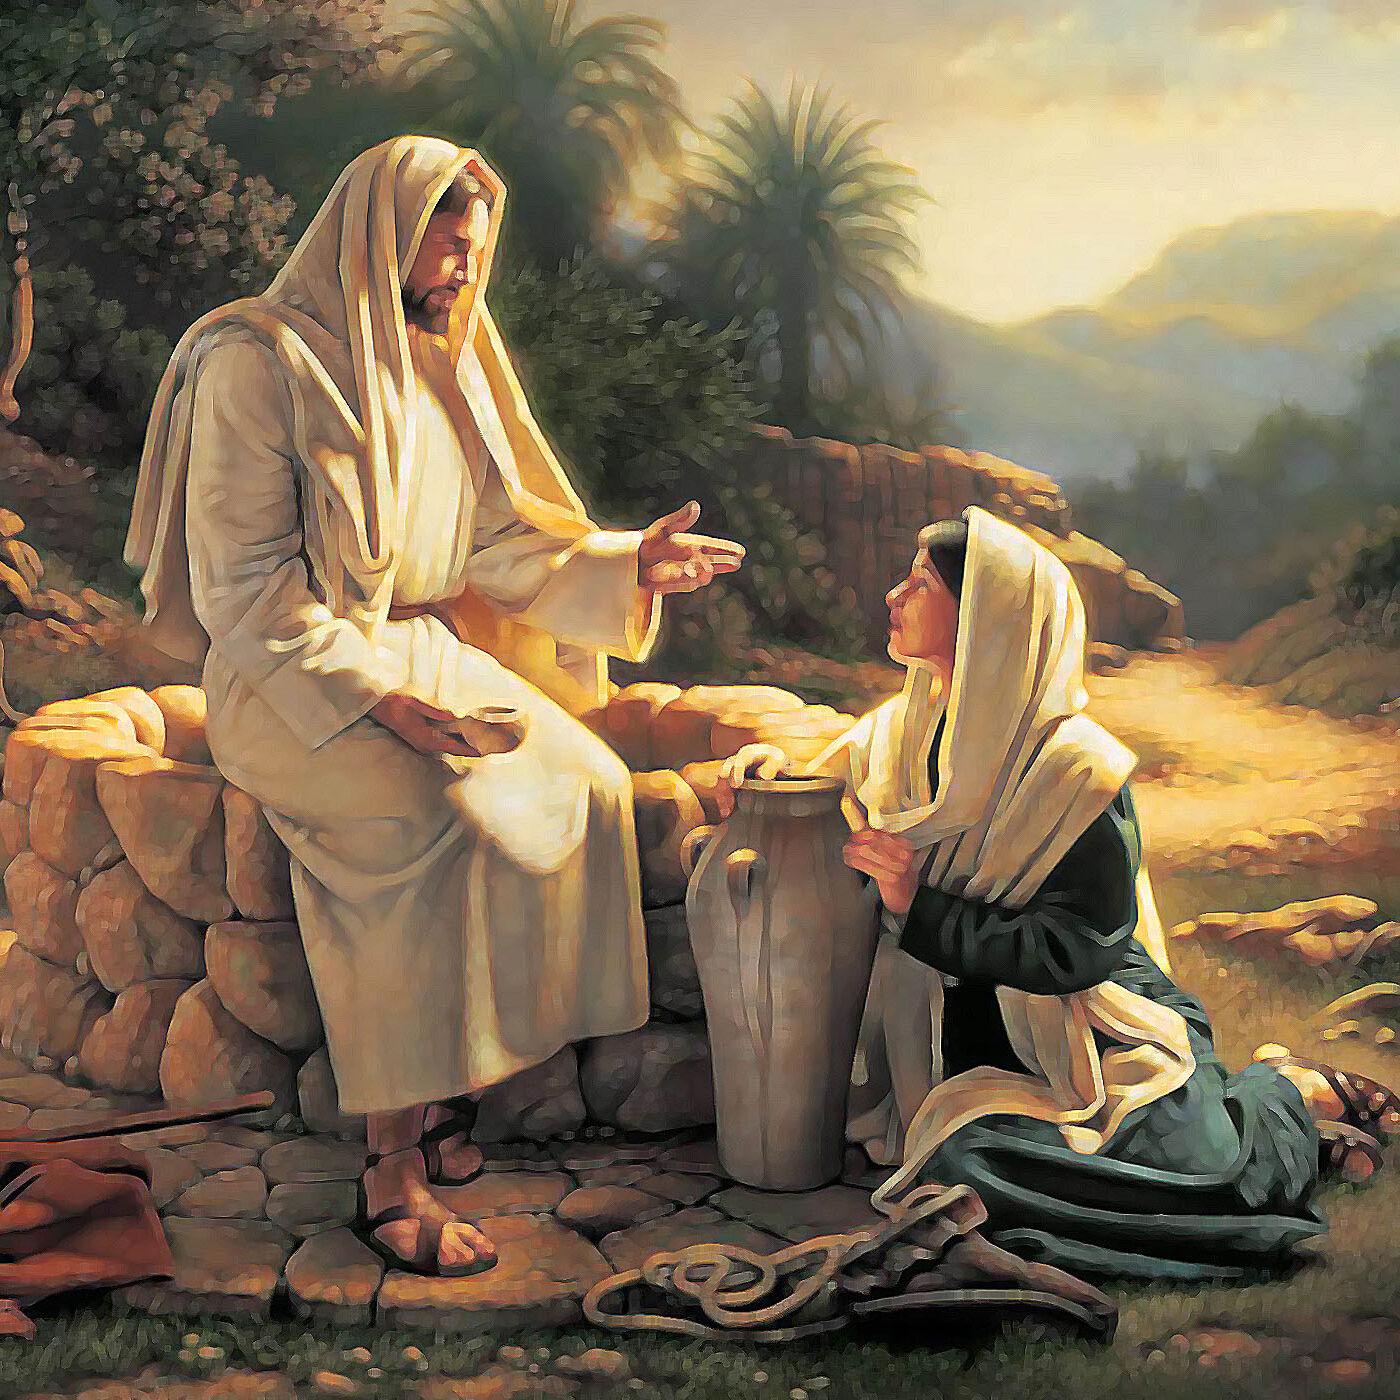 riflessioni sul Vangelo di Martedì 4 Maggio 2021 (Gv 14,27-31) - Apostola Francesca